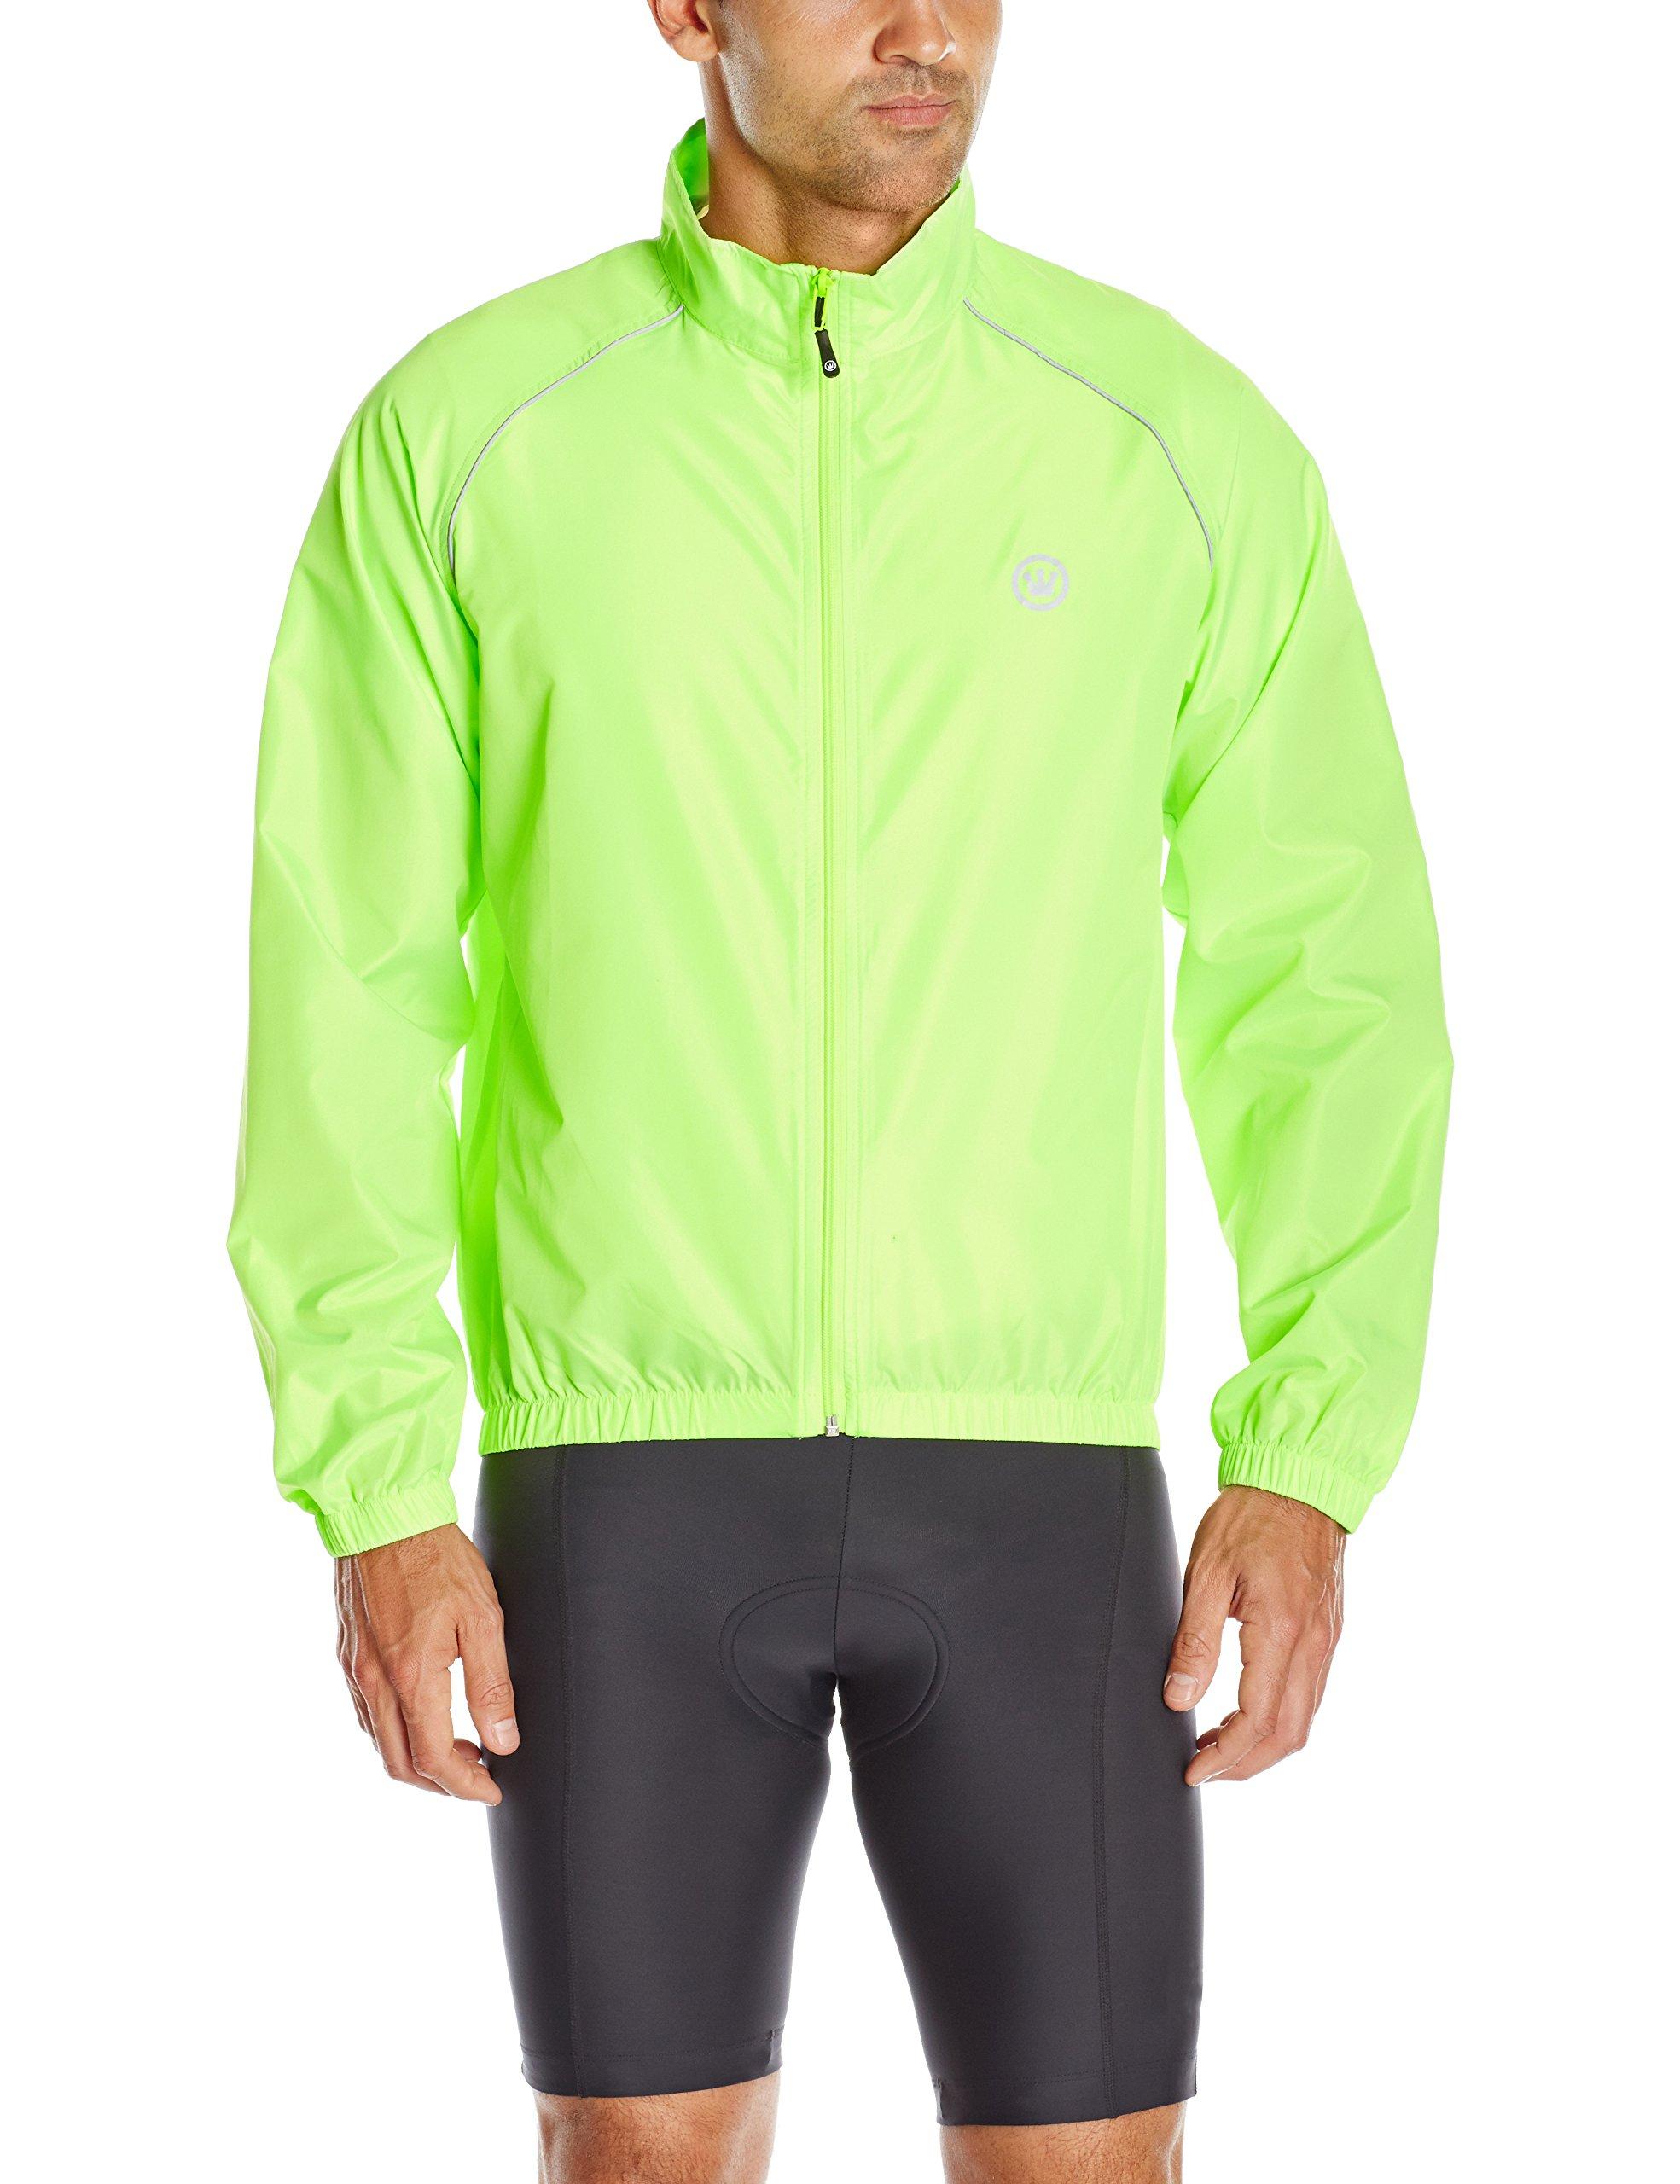 Canari Men's Solar Flare Wind Shell Jacket, Killer Yellow, Small